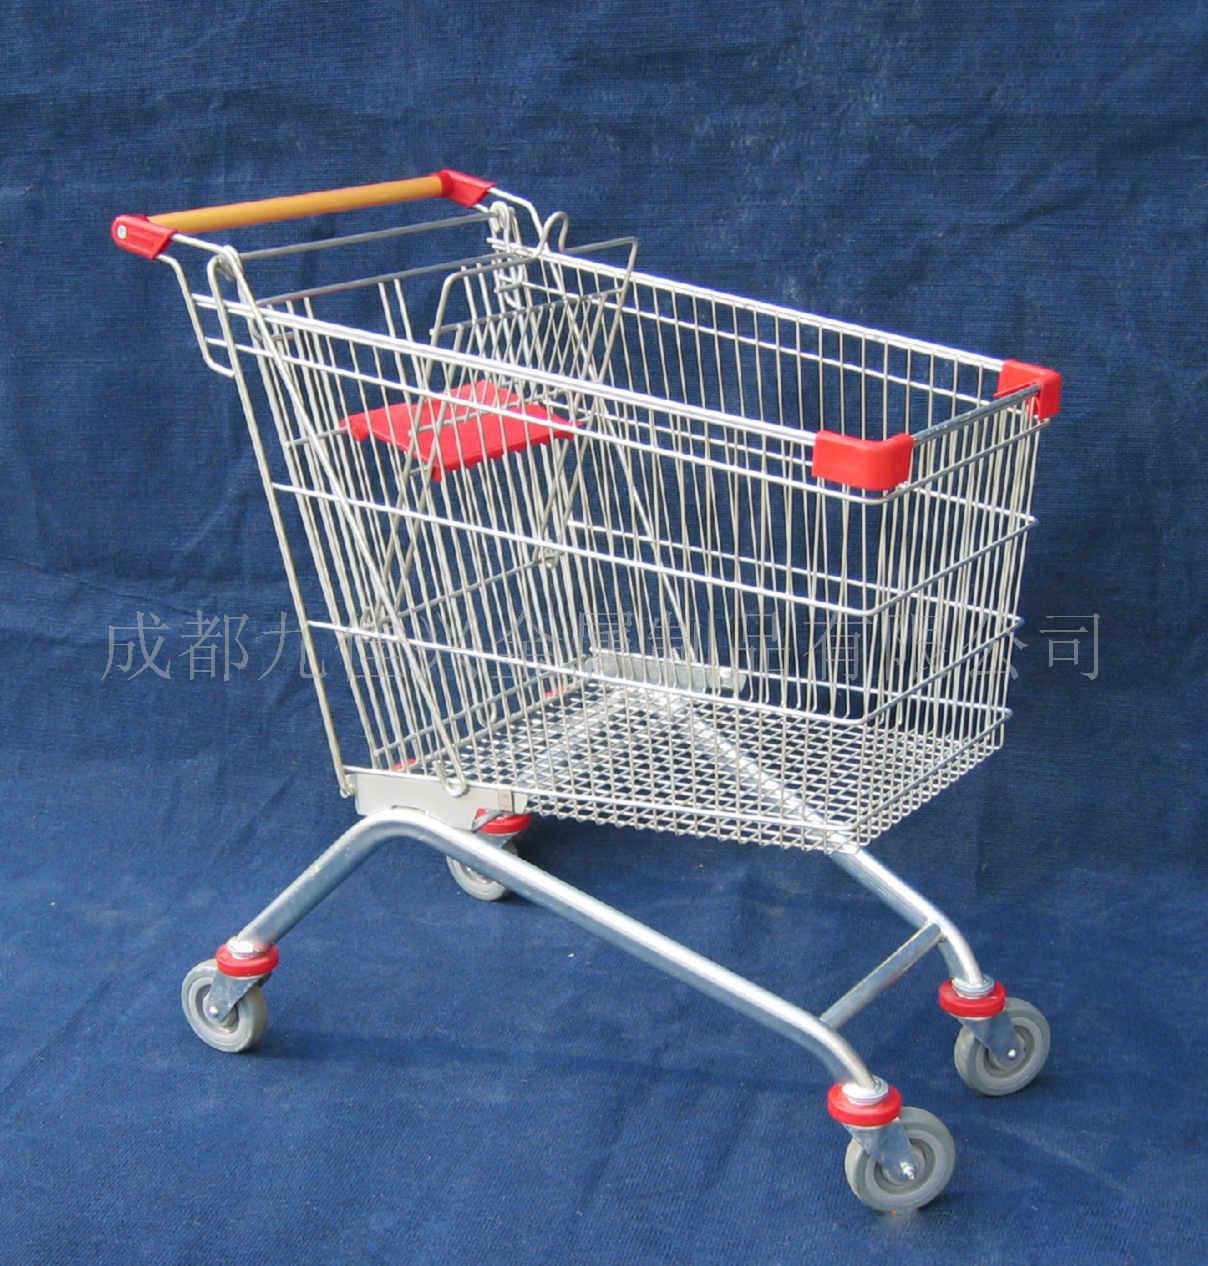 超市手推车购物车及超市配套设备